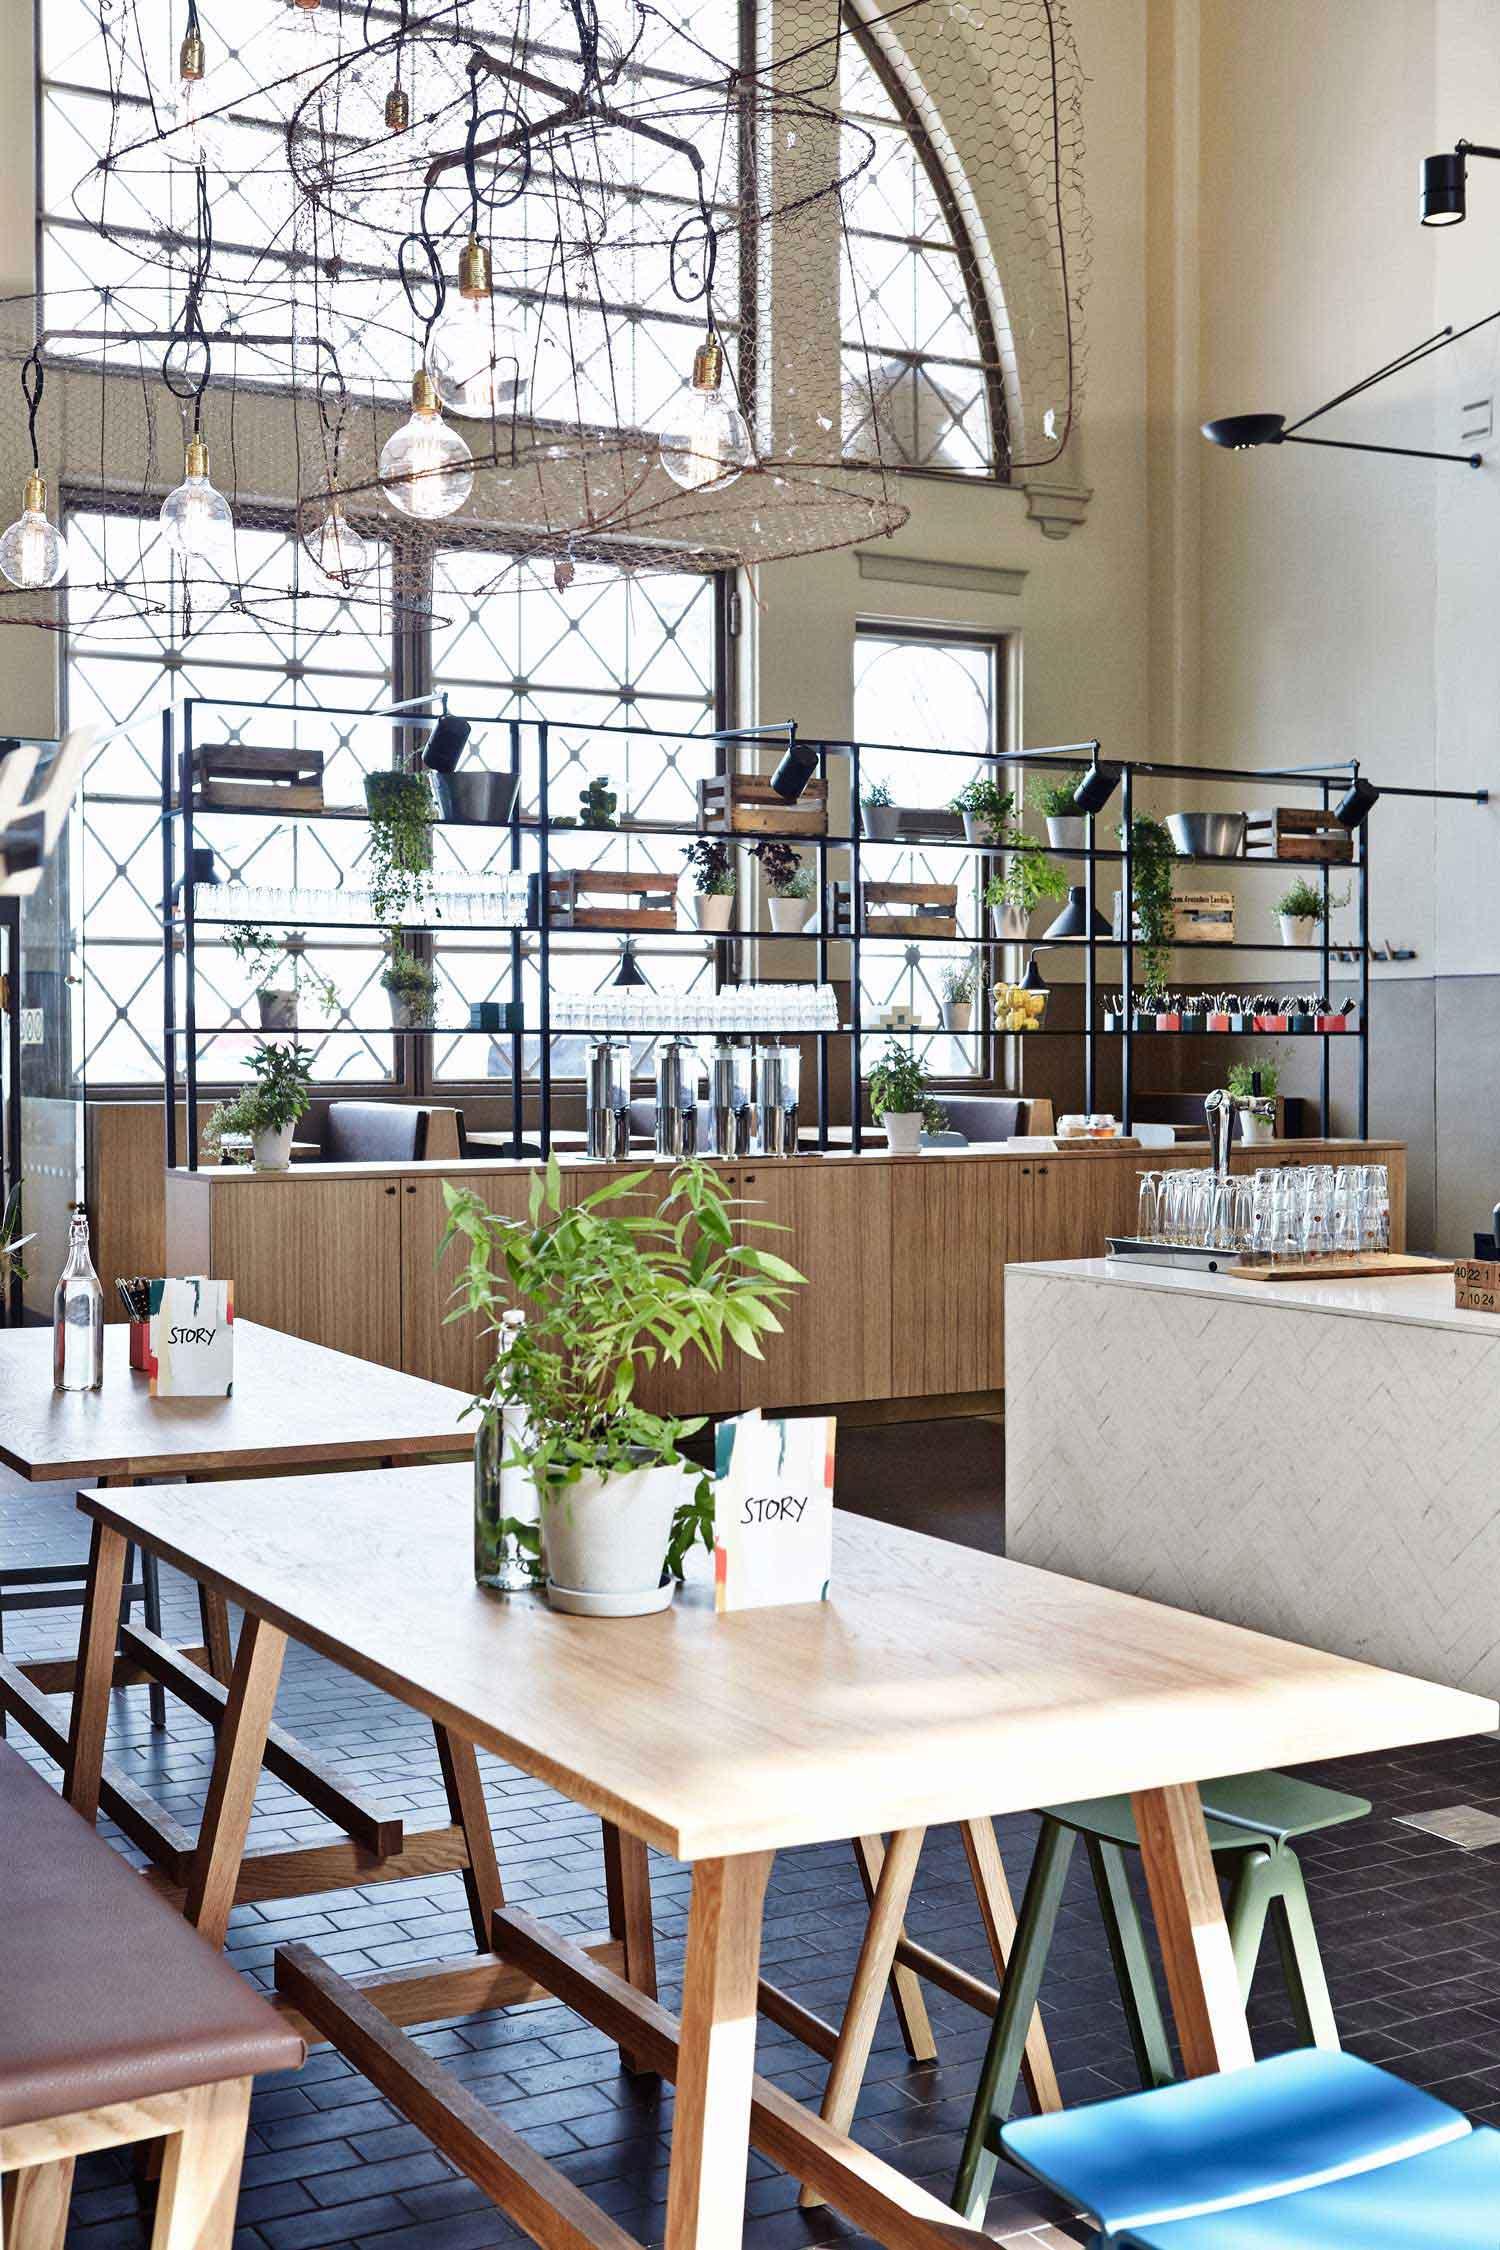 Story restaurant in helsinki by joanna laajisto yellowtrace